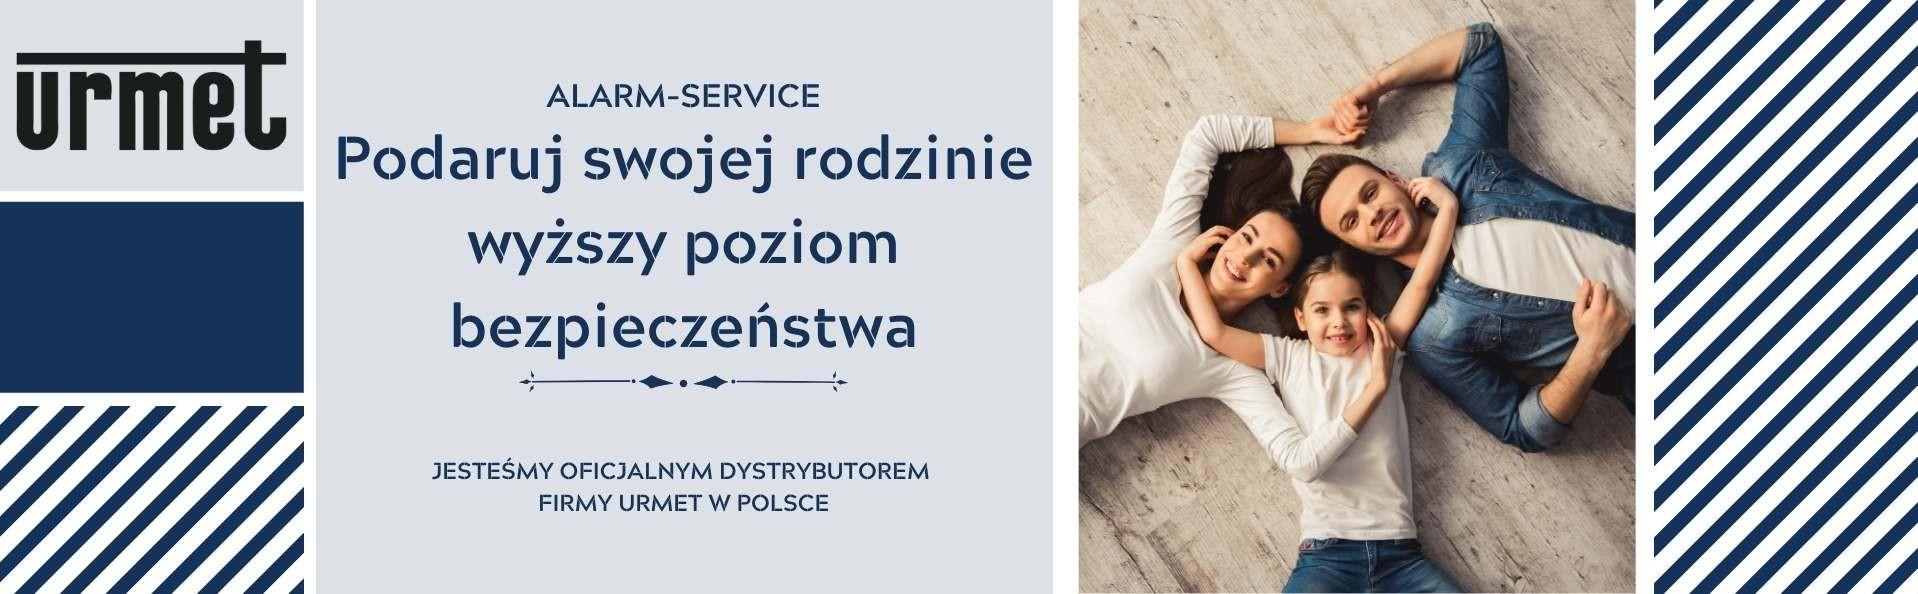 Z nami jesteś bezpieczny - Alarm-Service